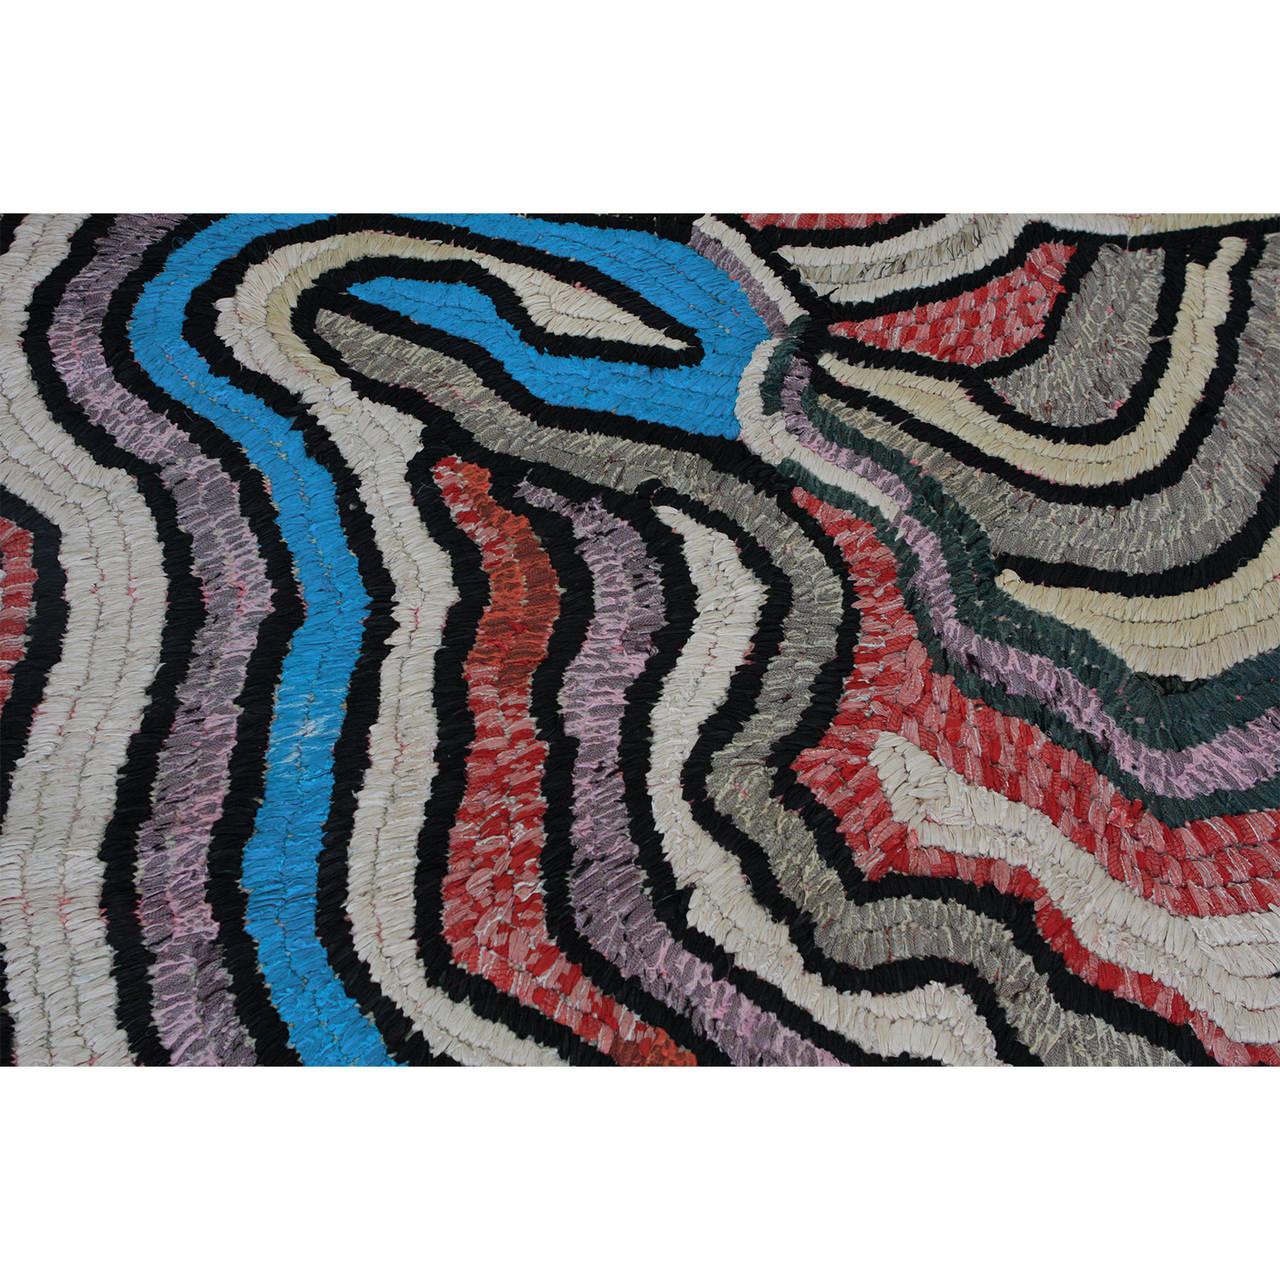 Moroccan Tribal Rag Rug For Sale 1